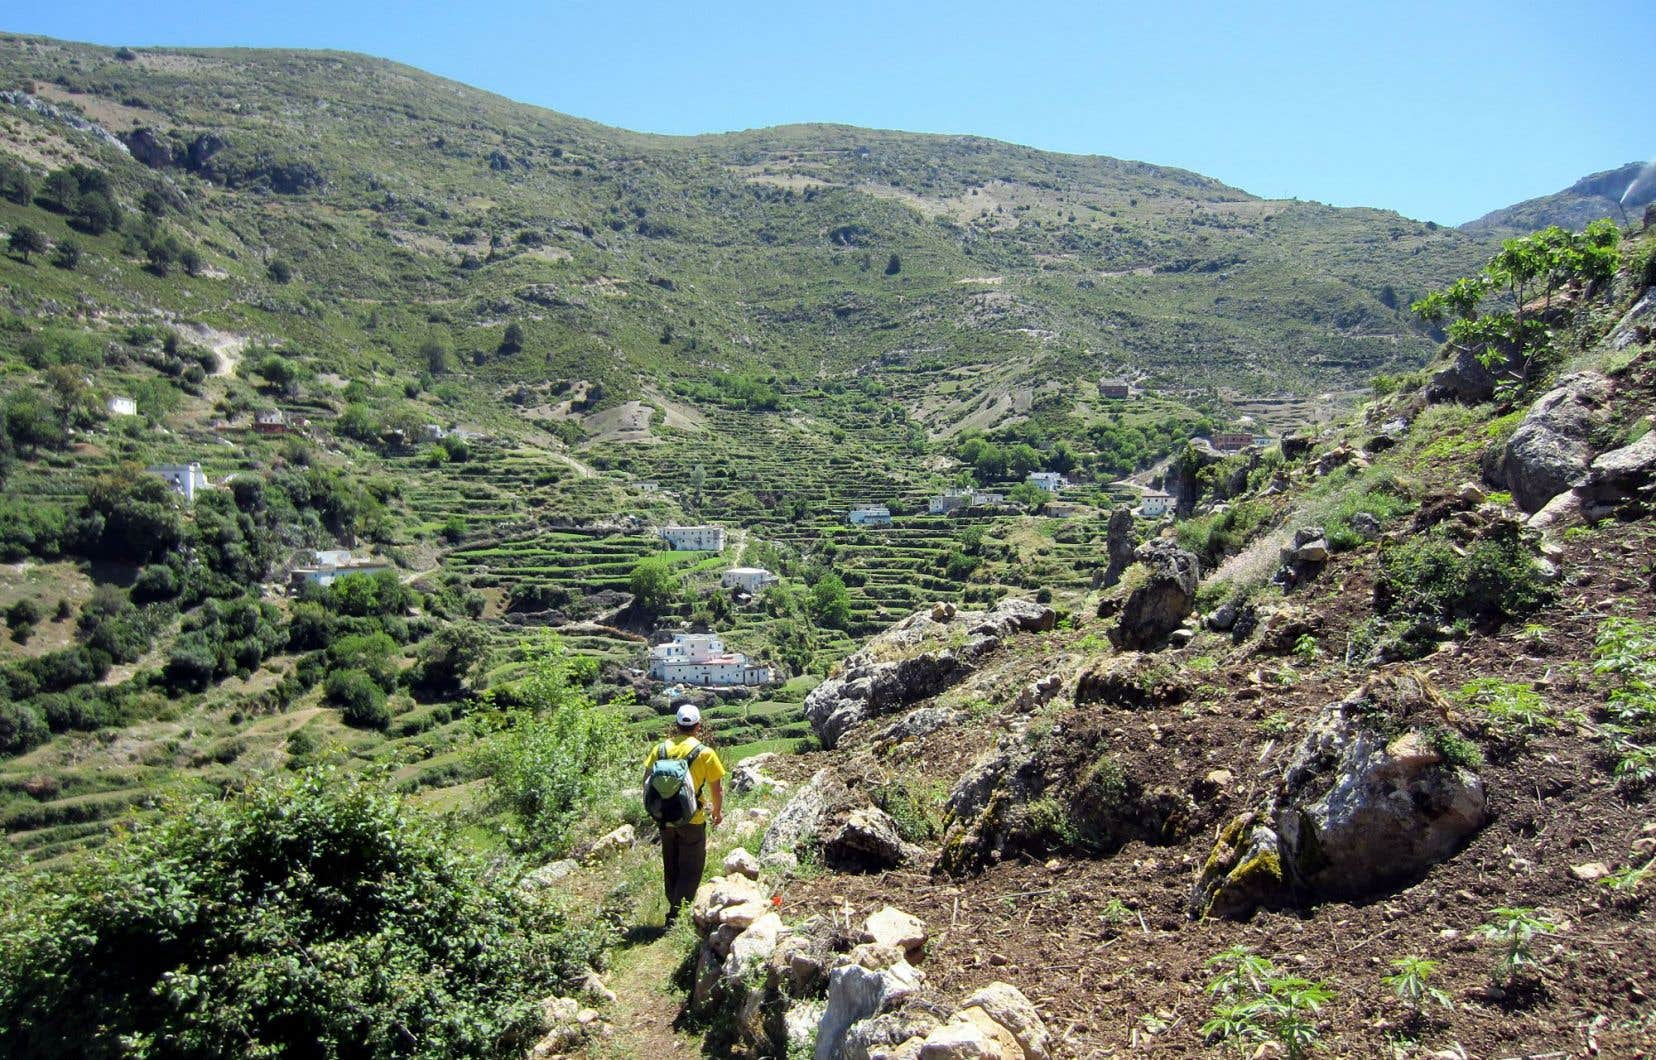 Marcher dans le Rif, c'est traverser des villages comme Imezzer, logé au bas de rudes descentes dans un panorama au vert éblouissant.